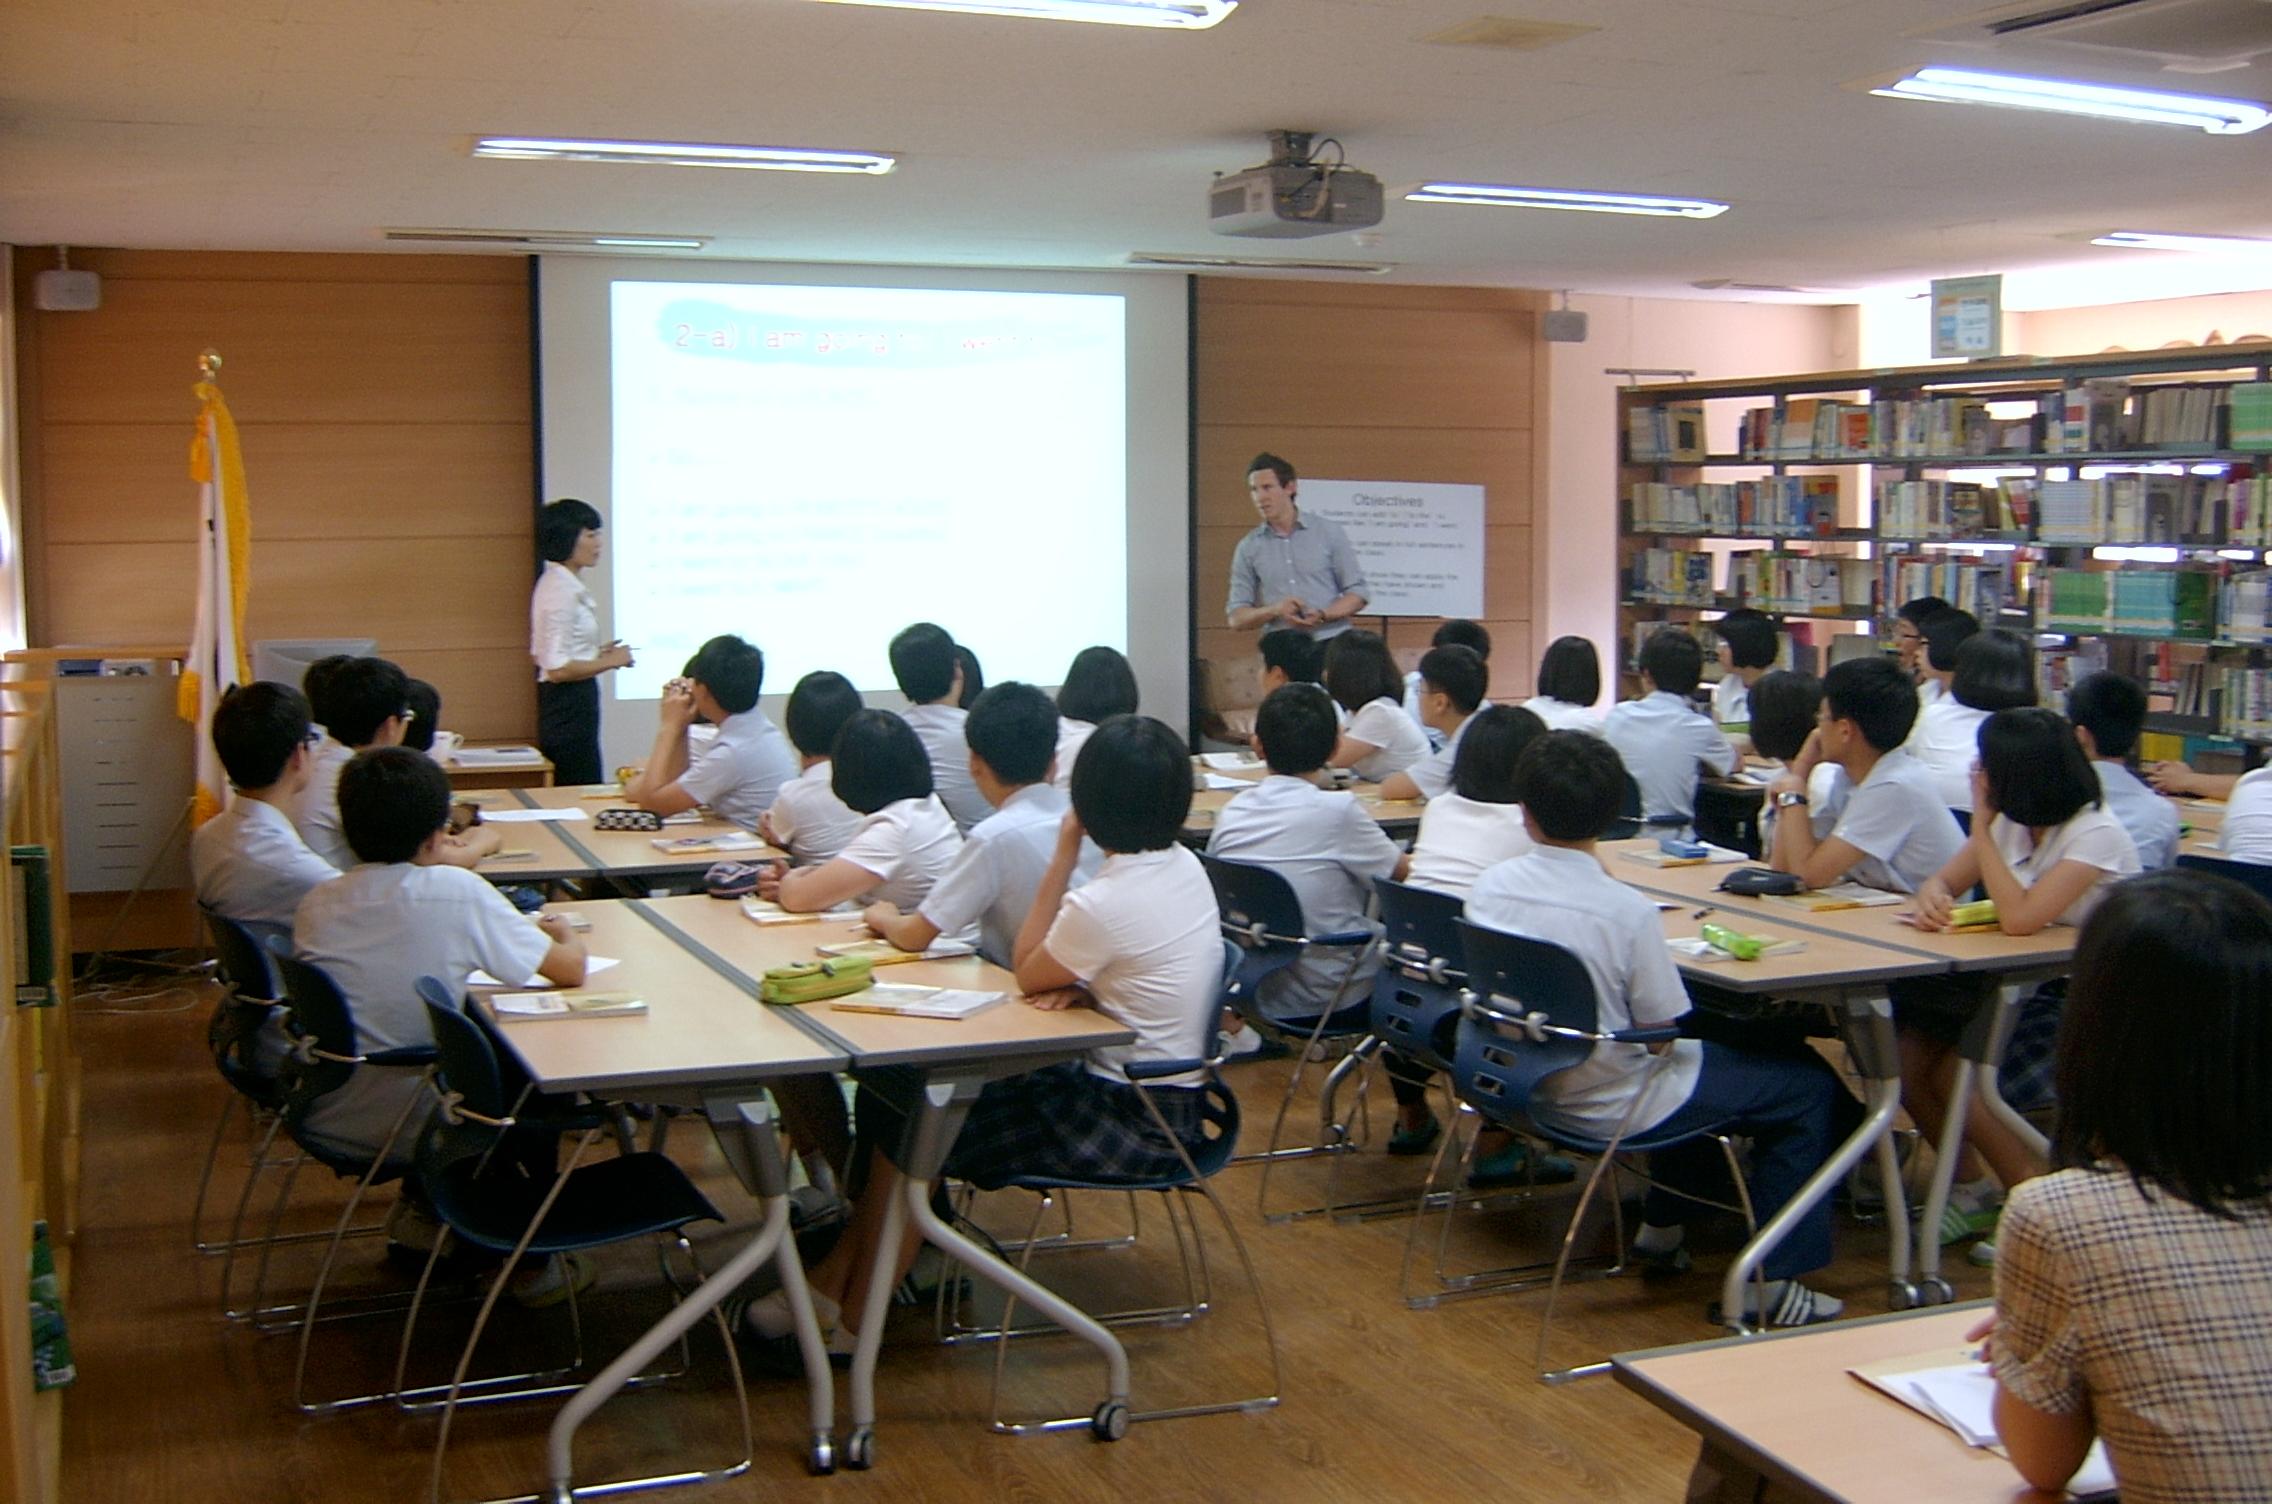 Class with co-teacher